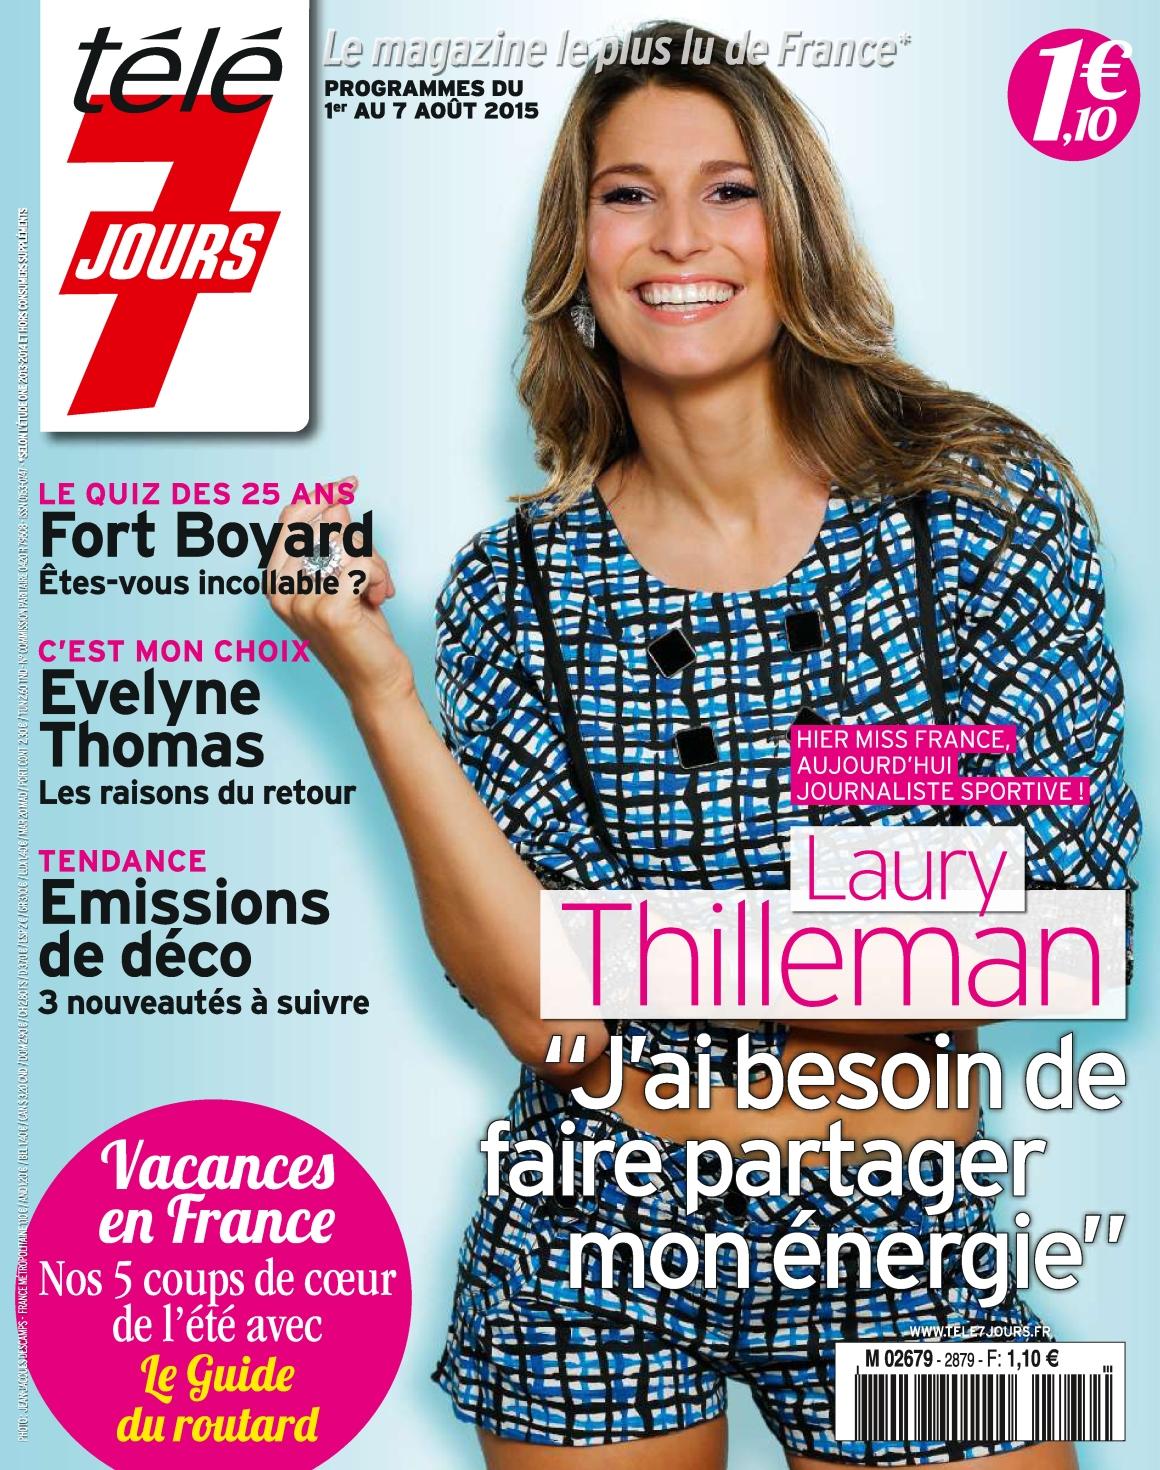 Laury-Thilleman-Tele-7-Jours-T7J-2879-270715